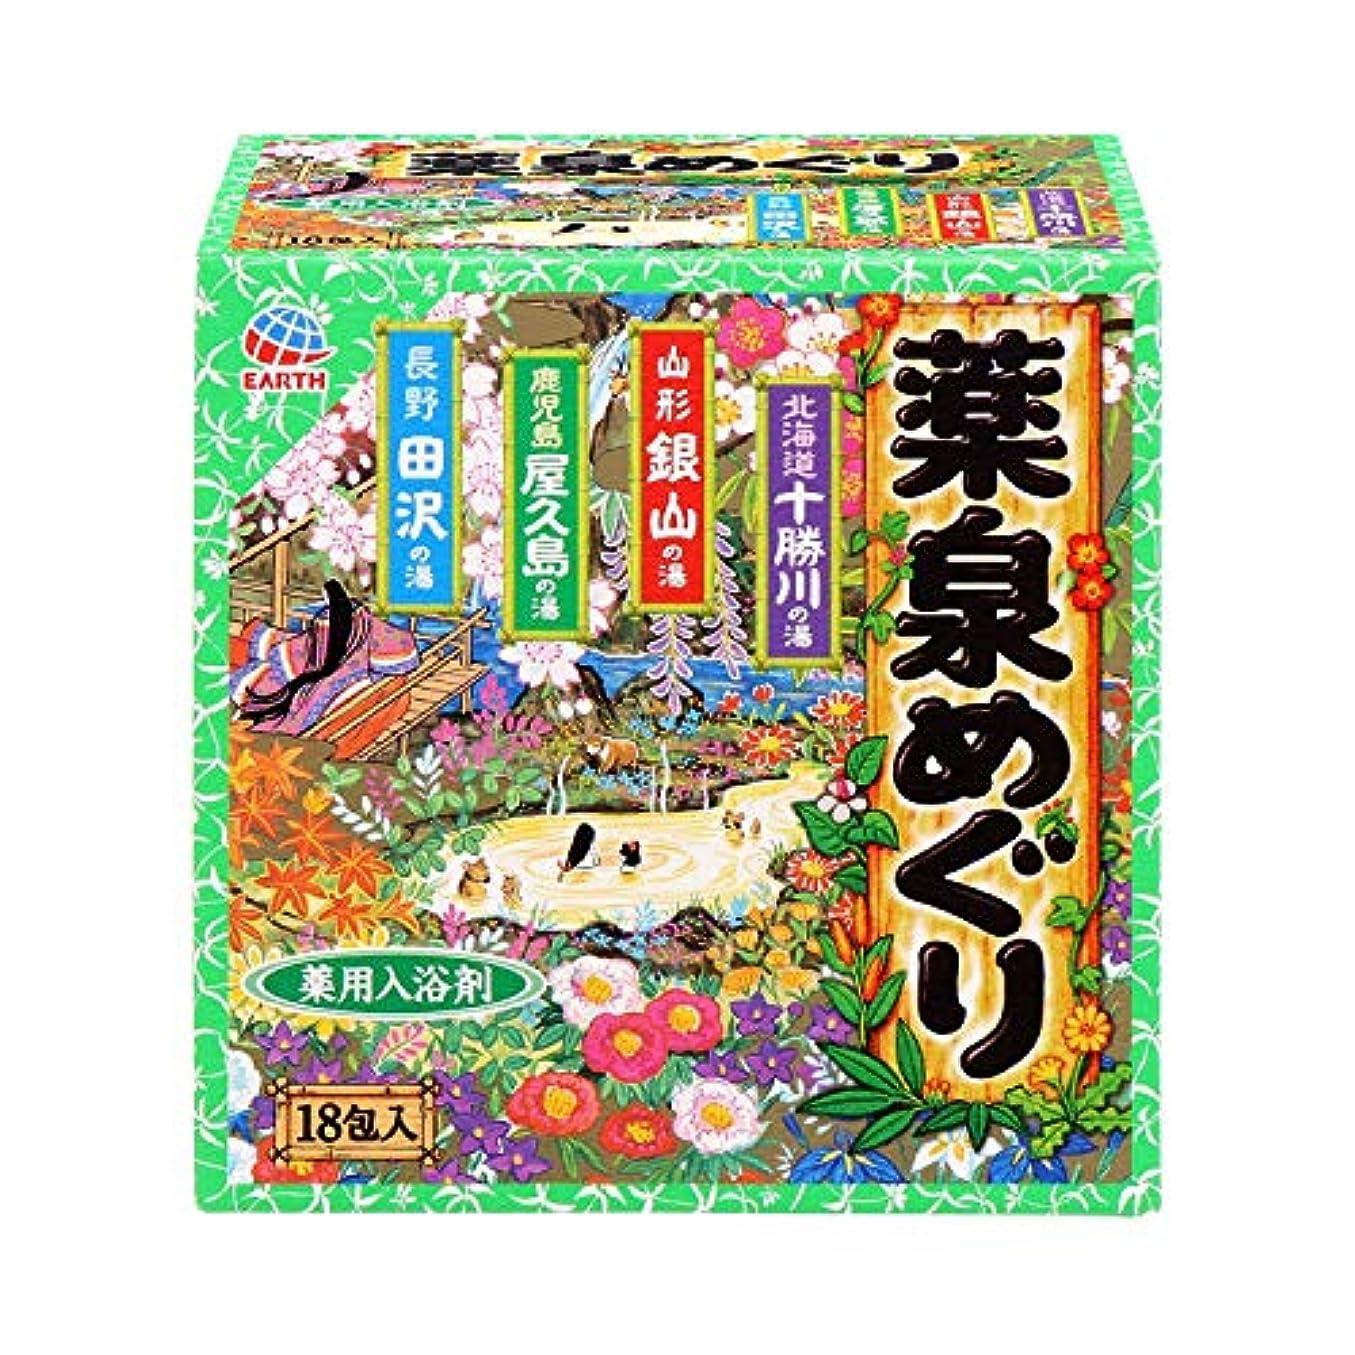 アトムぬるい無謀【アース製薬】薬泉めぐり 540g(30g*18包) ×20個セット